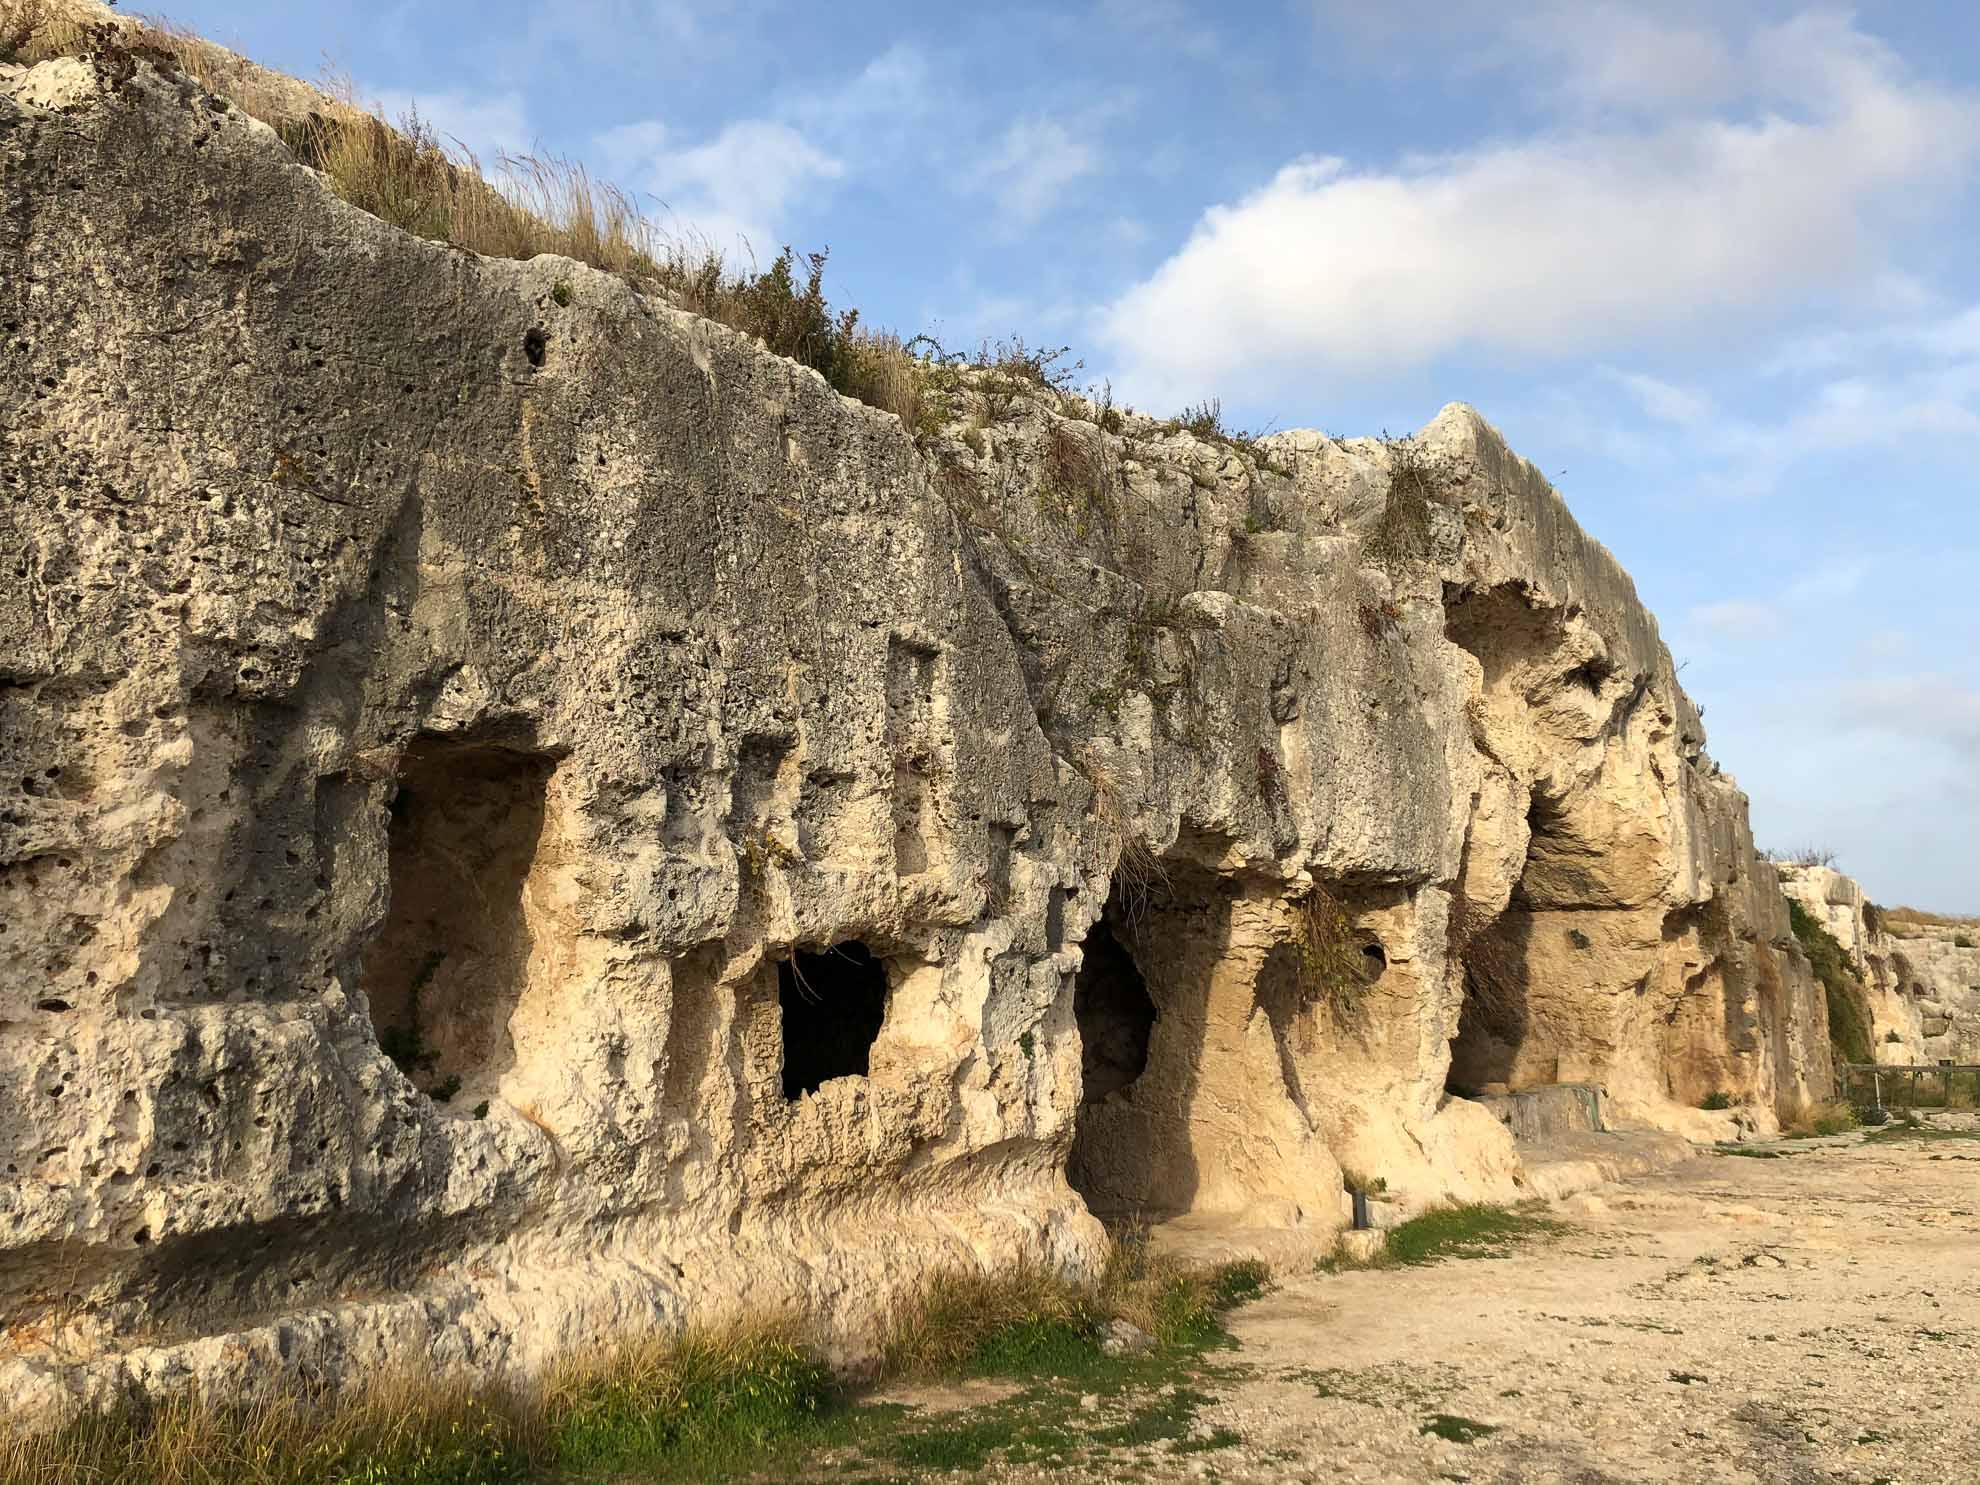 Seit 2005 ist Syrakus zusammen mit der Nekropolis von Pantalica UNESCO-Weltkulturerbe.